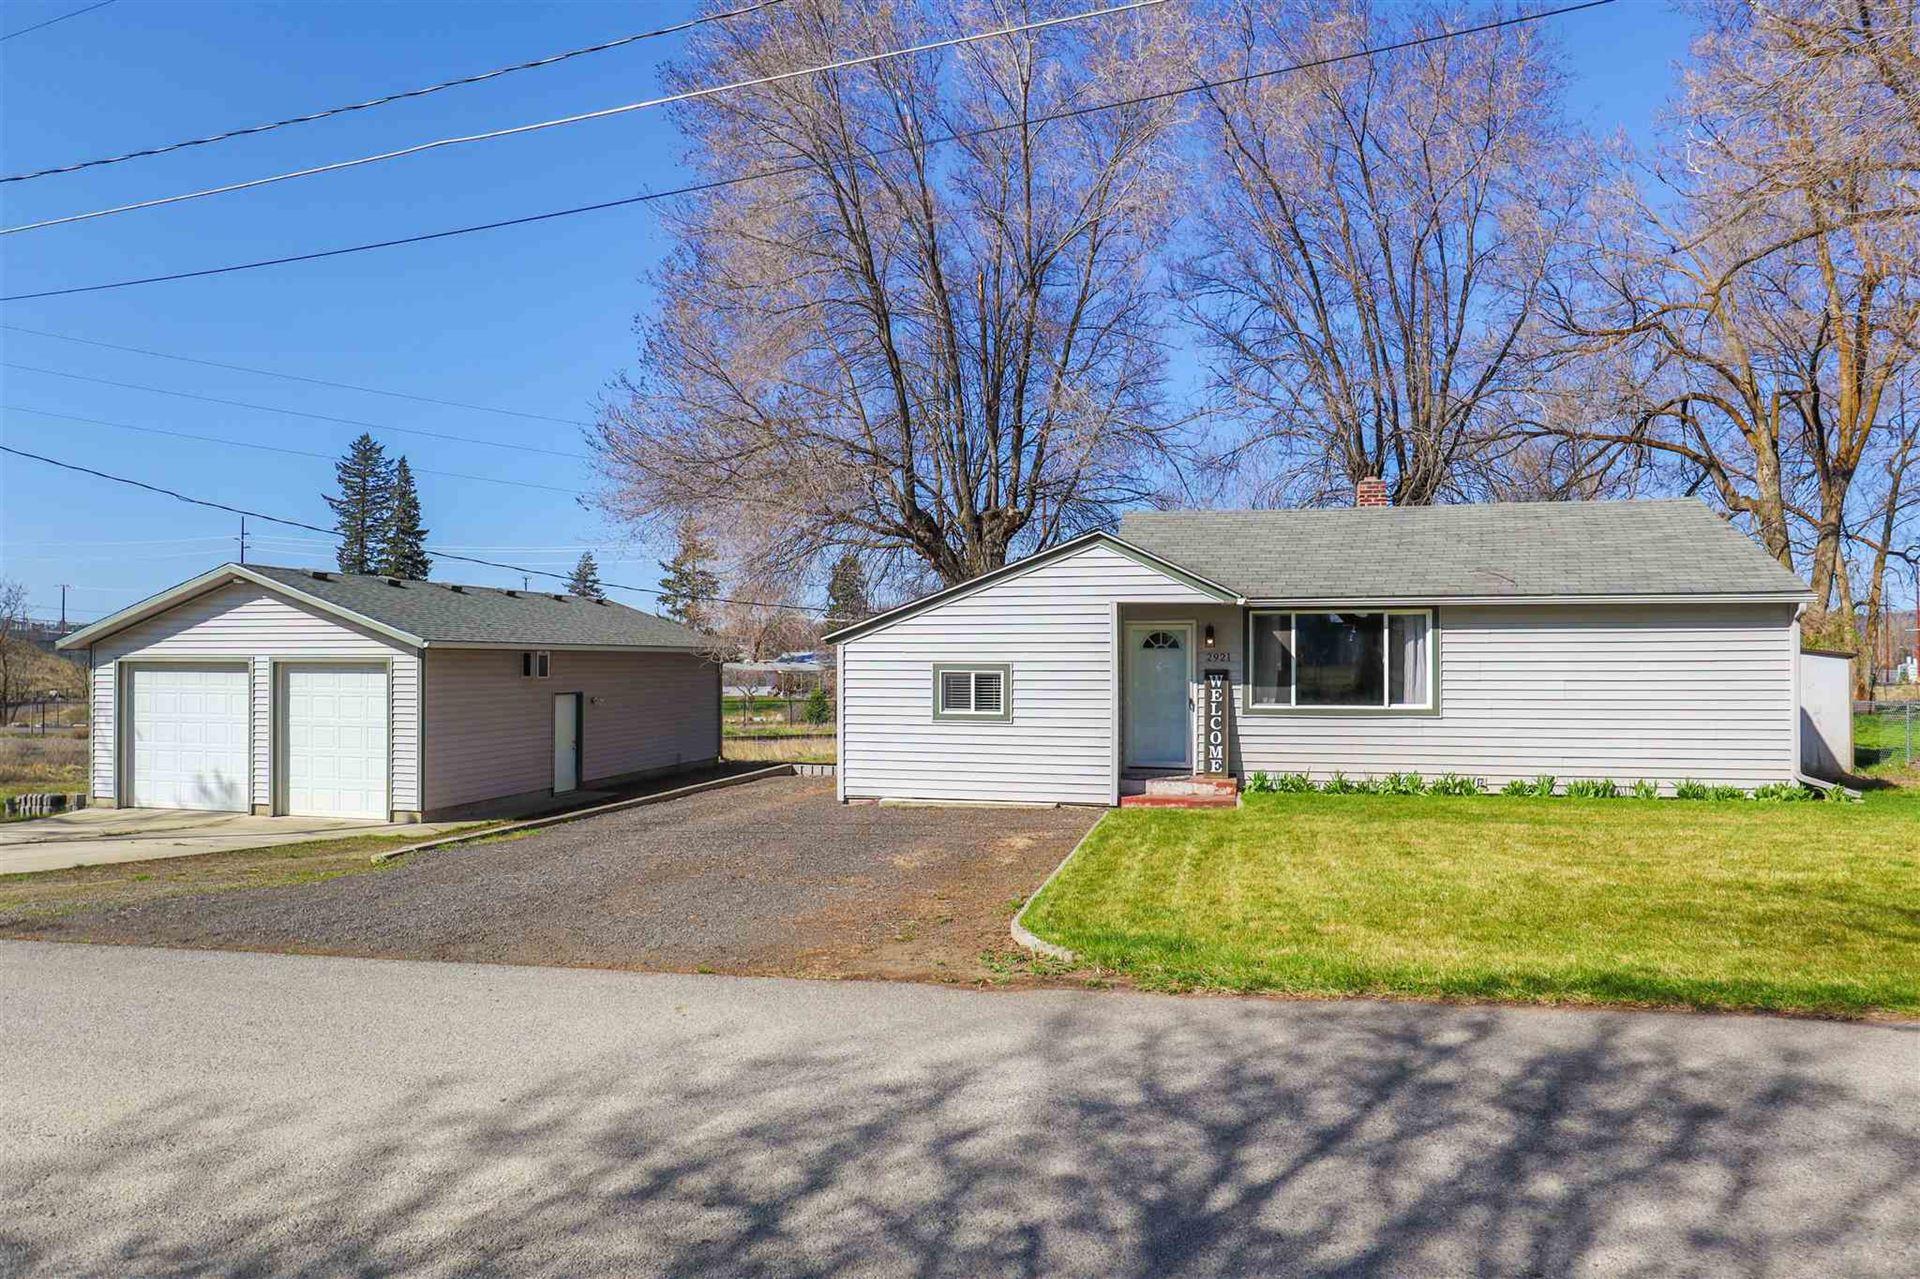 2921 N Woodruff Rd, Spokane, WA 99206 - #: 202113747